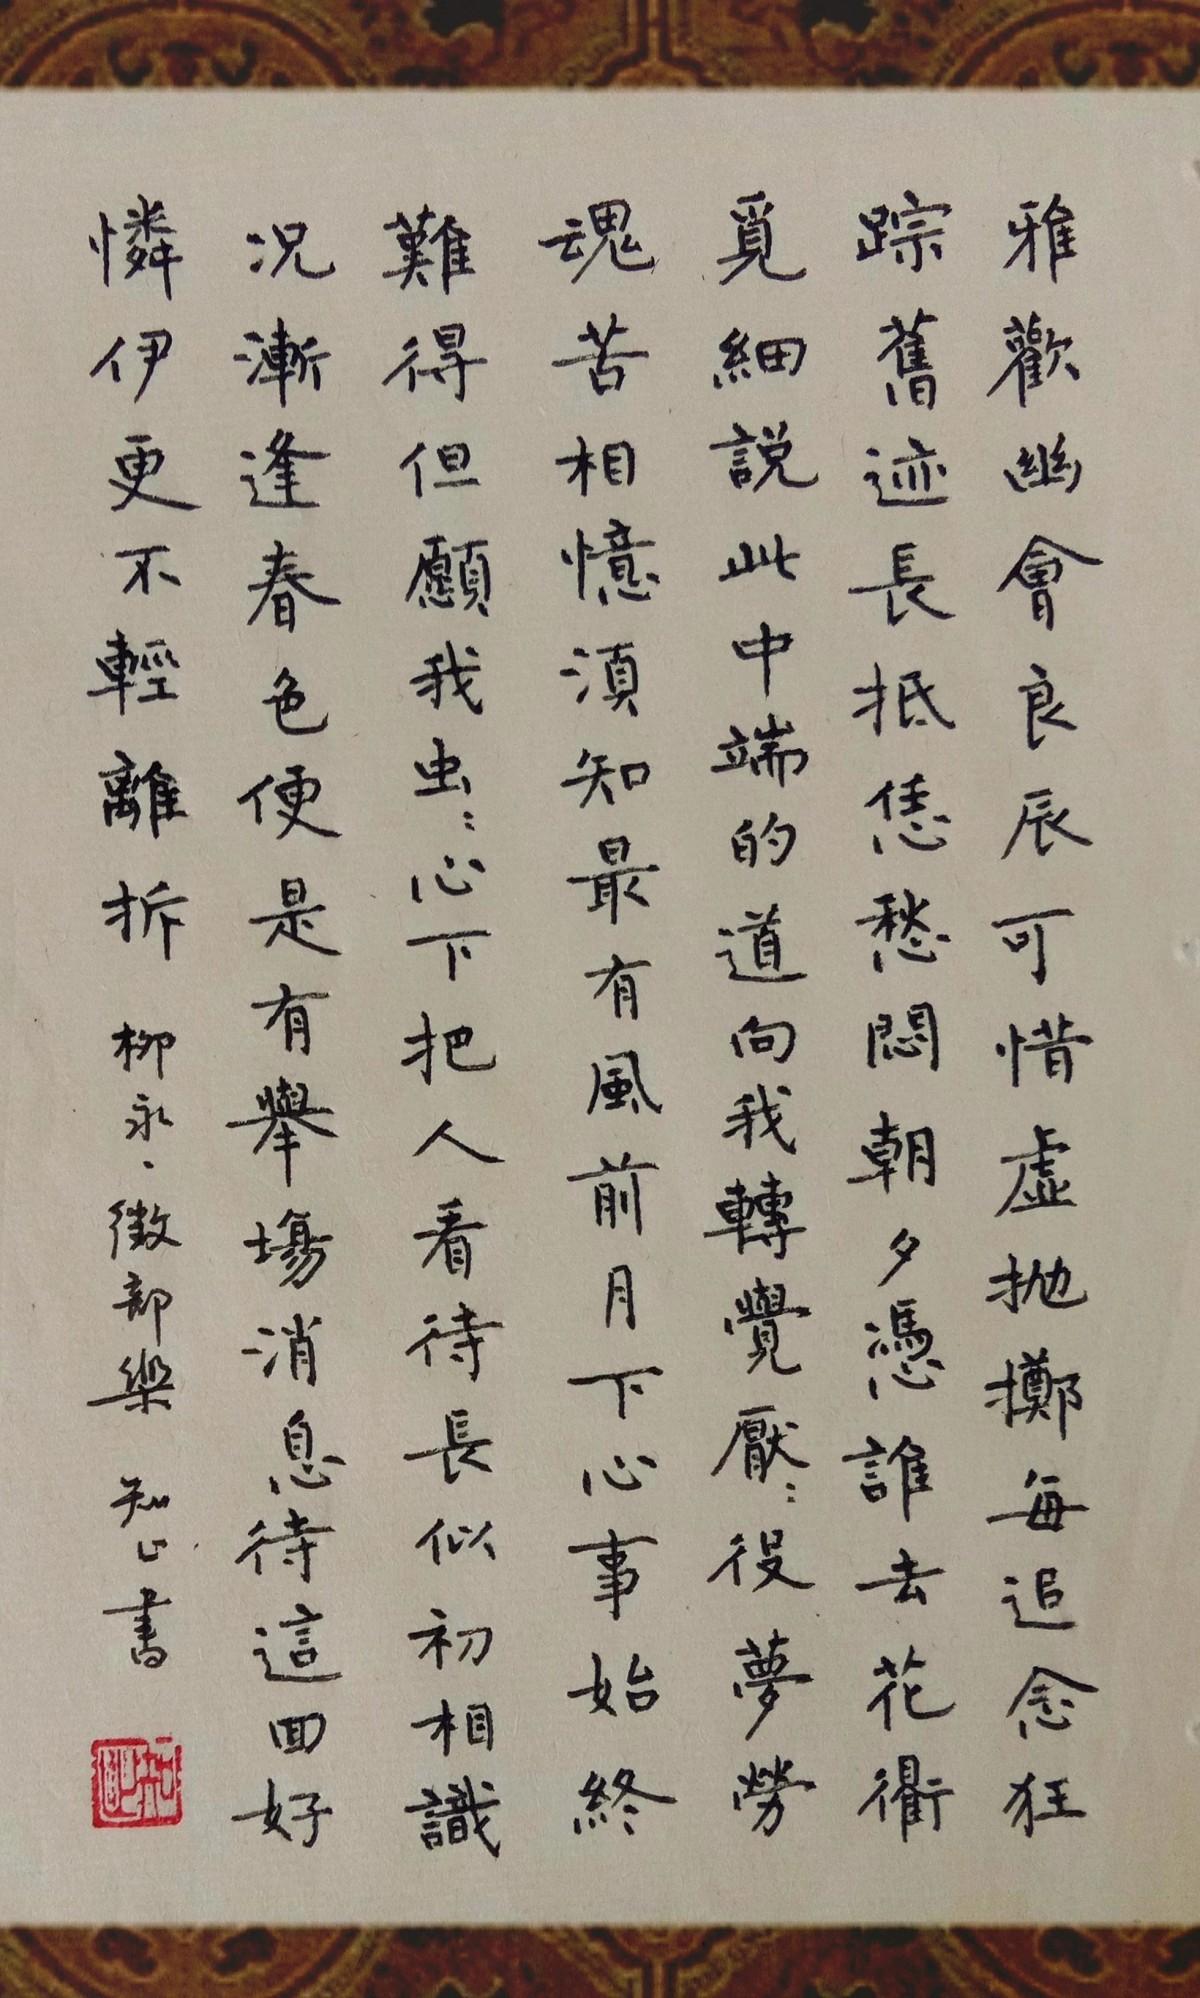 钢笔爱好者练字打卡20201110-11